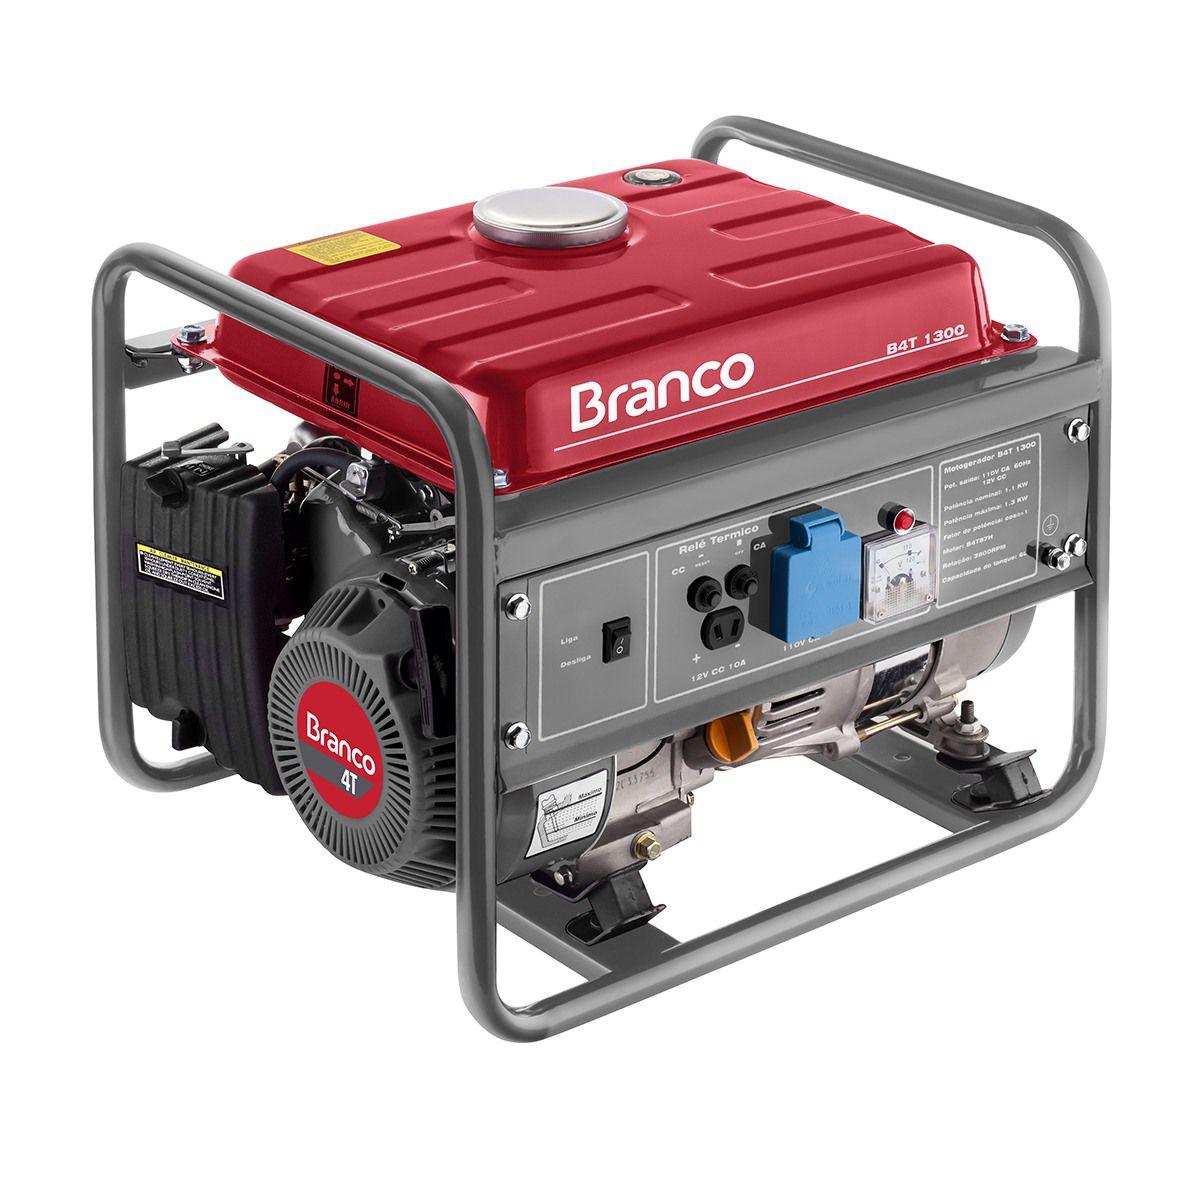 Gerador de Energia à Gasolina 1,3 Kva BRANCO B4T1300